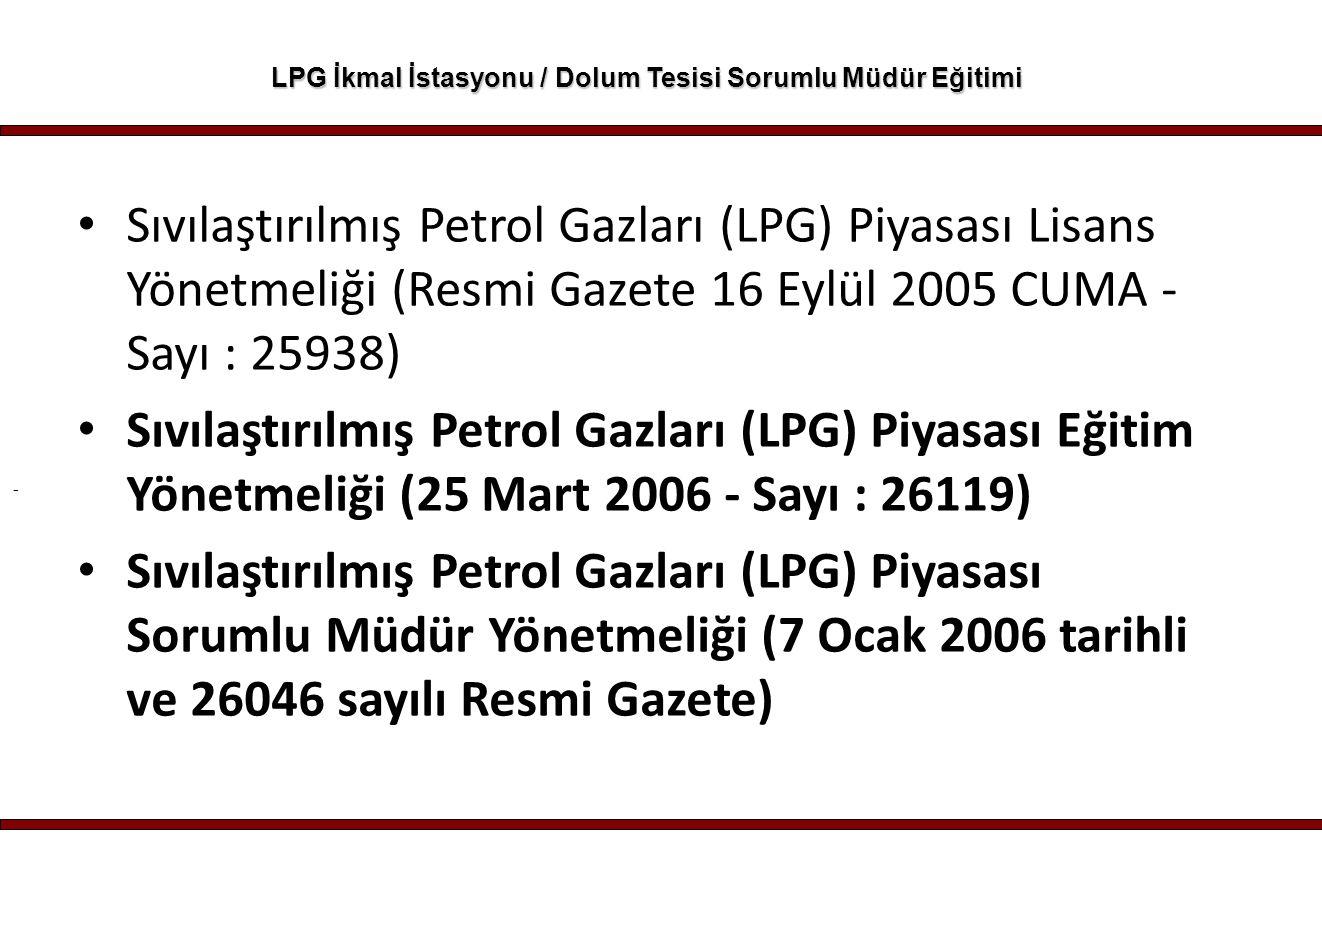 - LPG İkmal İstasyonu / Dolum Tesisi Sorumlu Müdür Eğitimi Amaç Ülke ve toplum yararları doğrultusunda, LPG Otogaz İstasyonu veya Dolum Tesislerinde sorumlu müdür olarak görev alacak ve mesleki etik kurallara uygun olarak çalışacak Oda üyelerine TMMOB Petrol Mühendisleri Odası tarafından LPG Otogaz İstasyonu veya Dolum Tesisi Sorumlu Müdür Belgesi verilmesi esaslarını ve koşullarını düzenlemektir.